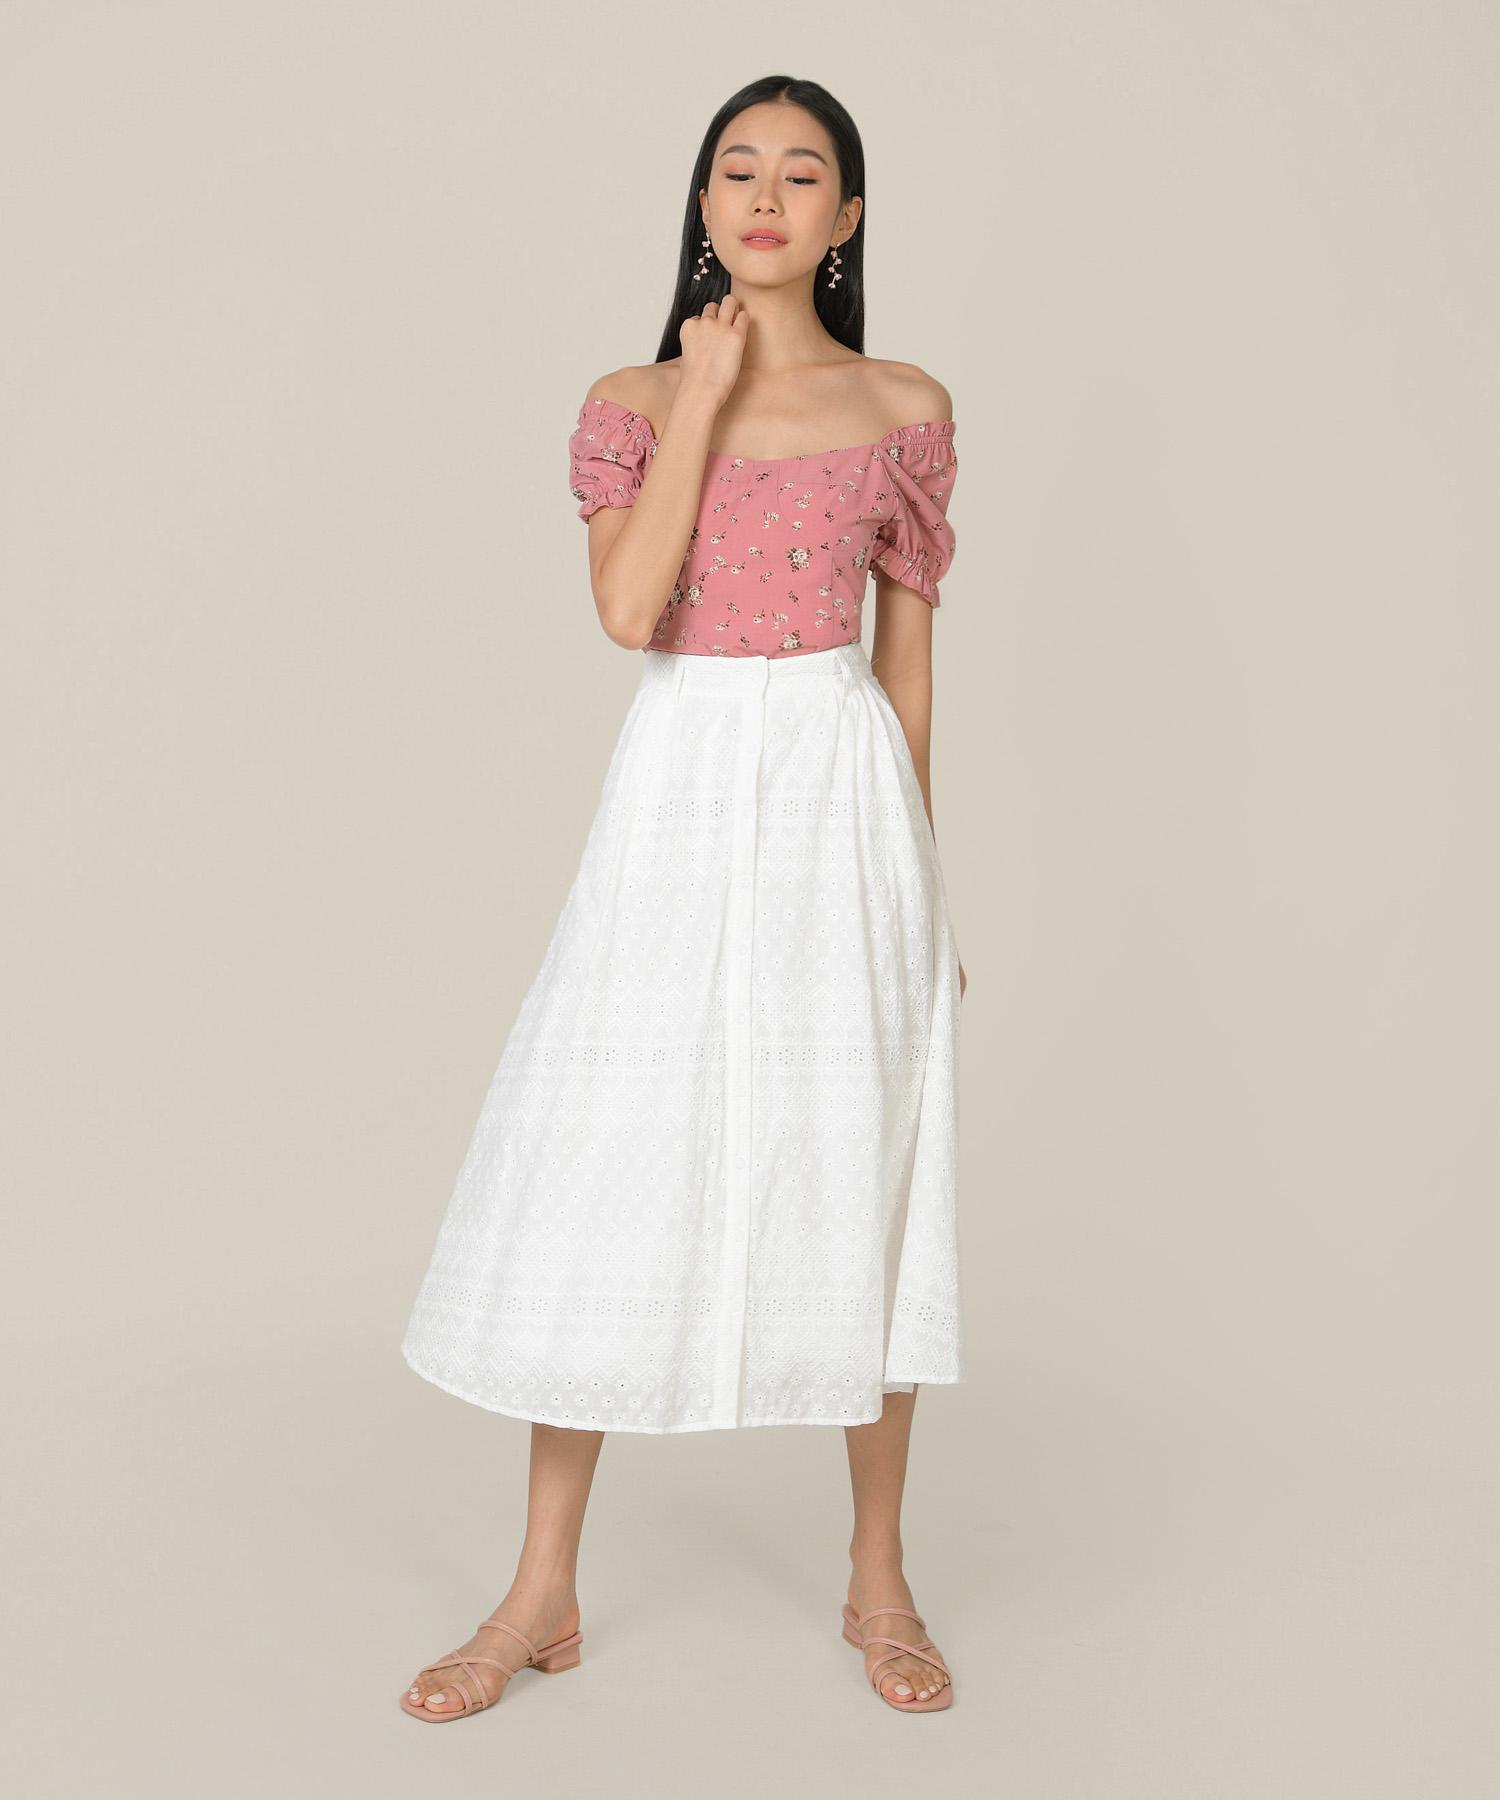 hansel-floral-smocked-back-top-rose-pink-4